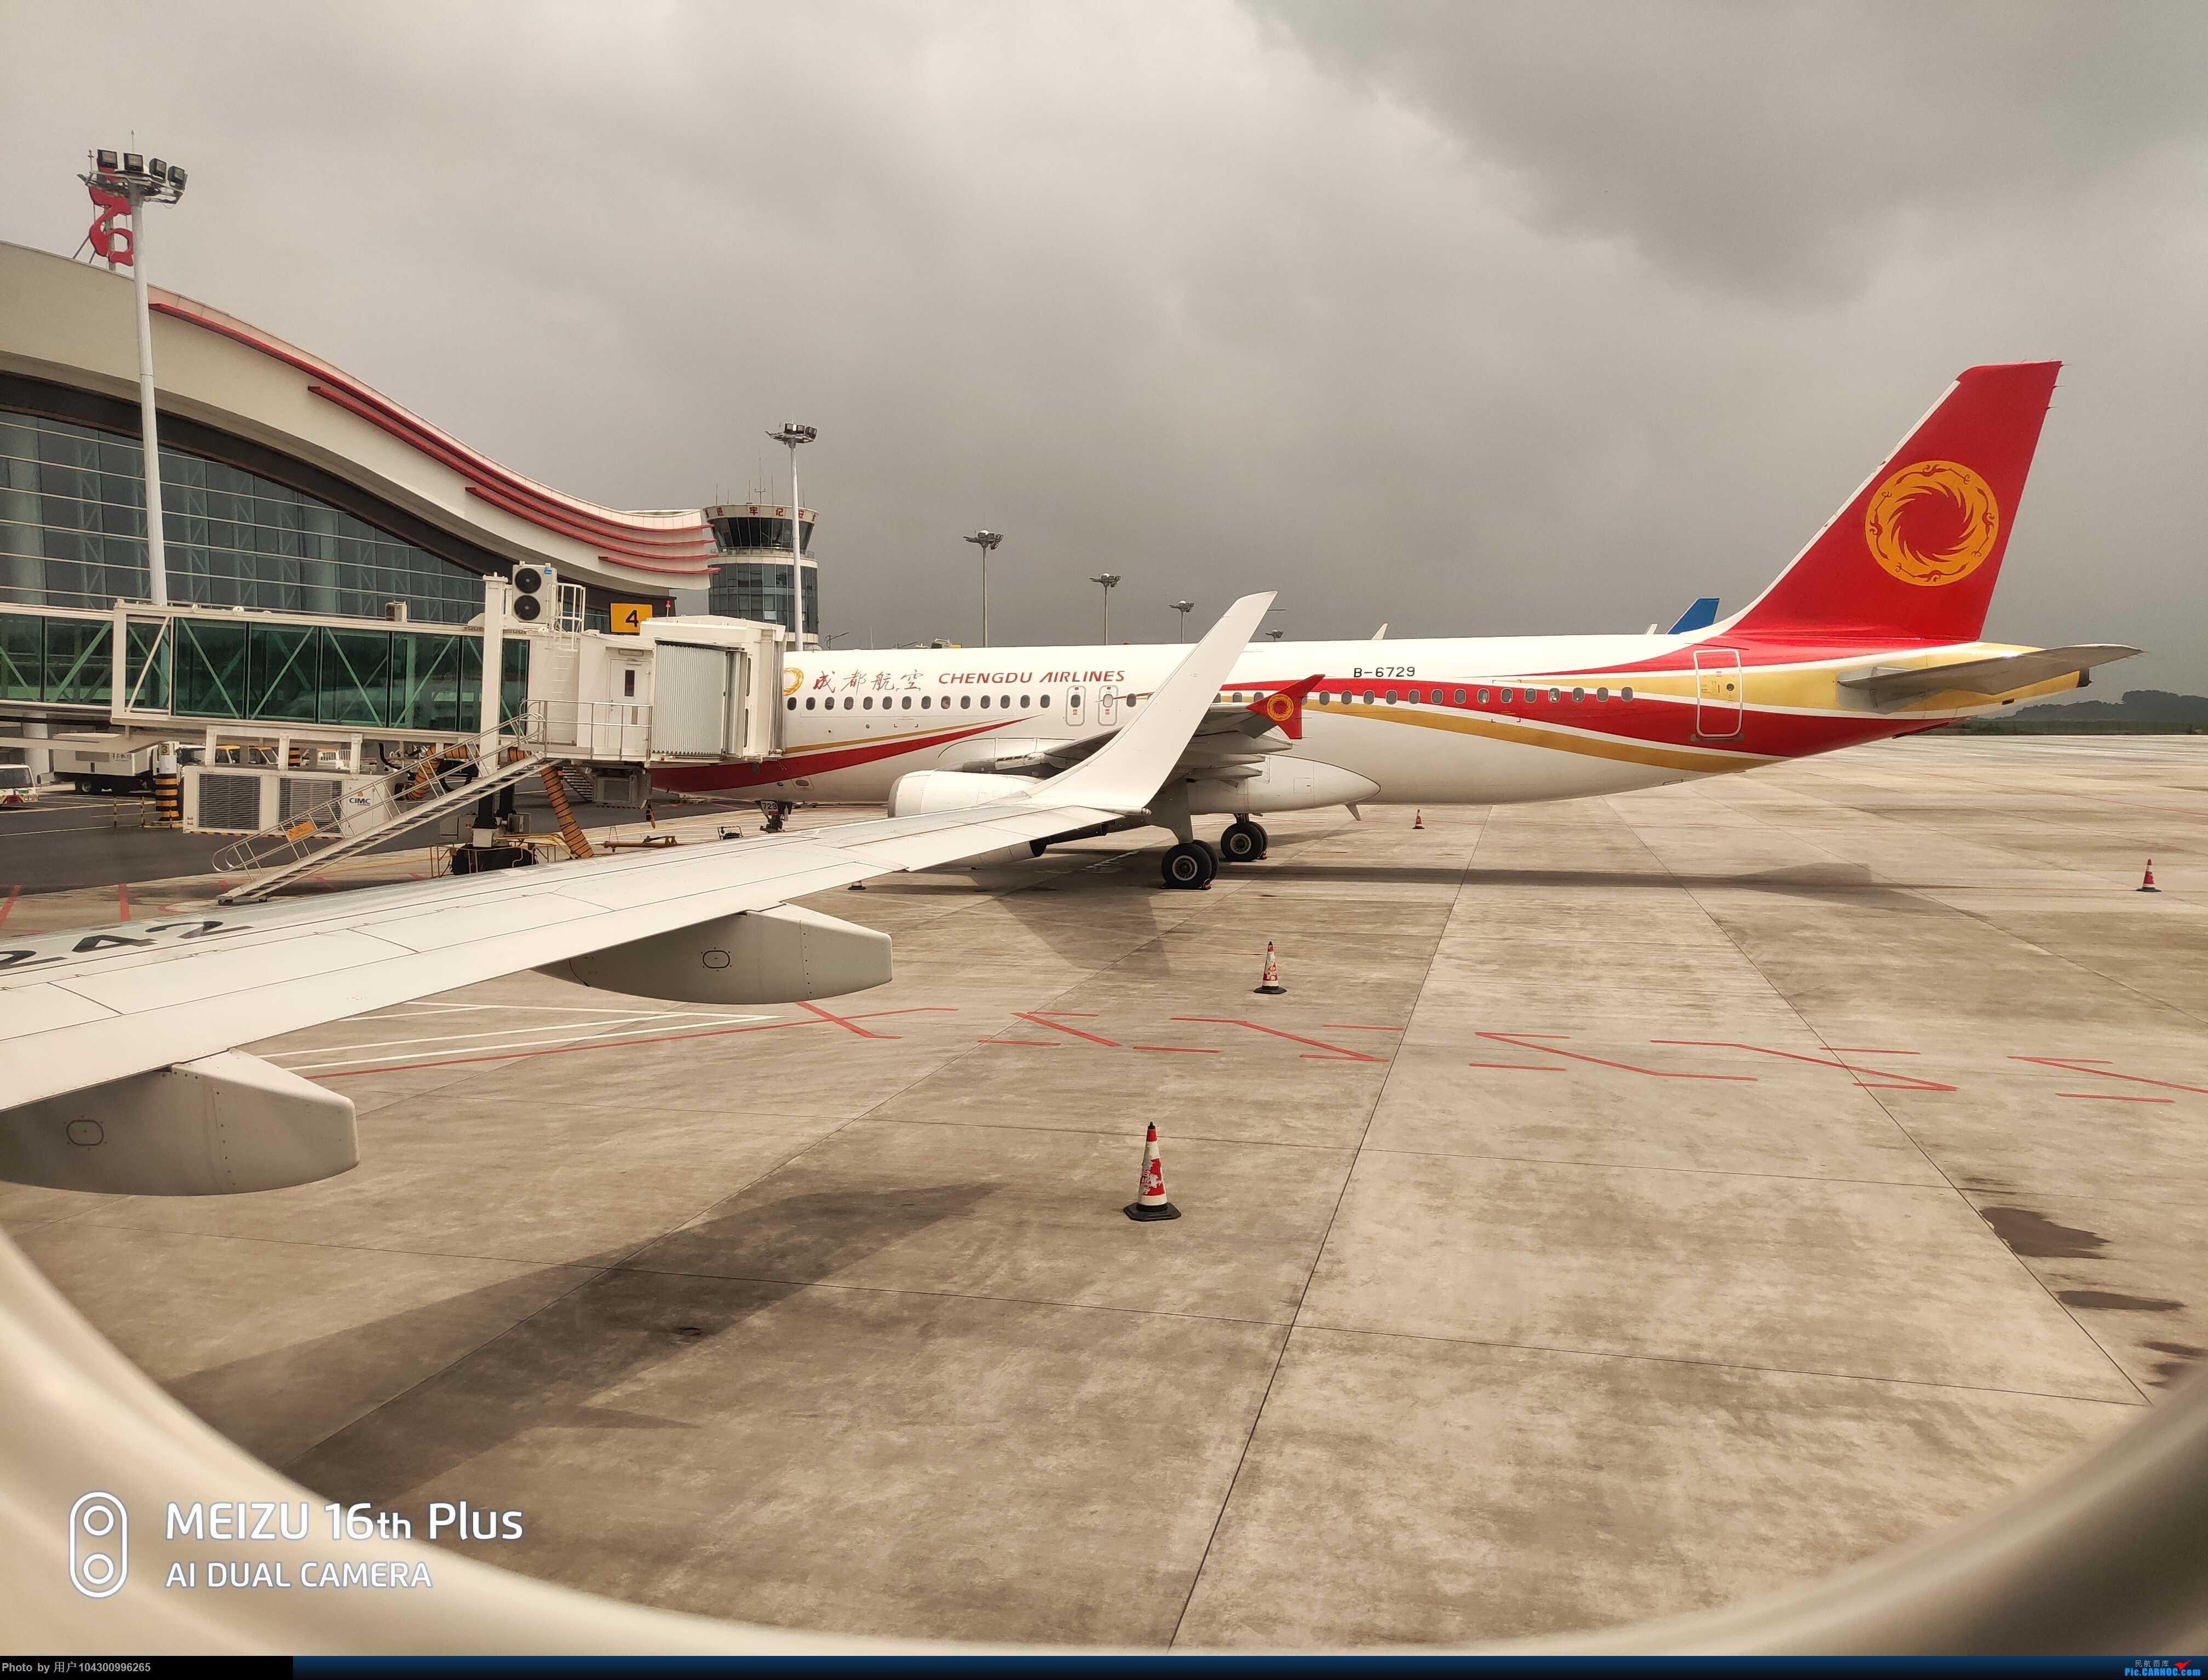 Re:[原创][DM哥飞行游记]-多彩贵州航空贵阳-茅台当日往返 AIRBUS A320-200 B-6729 中国遵义茅台机场